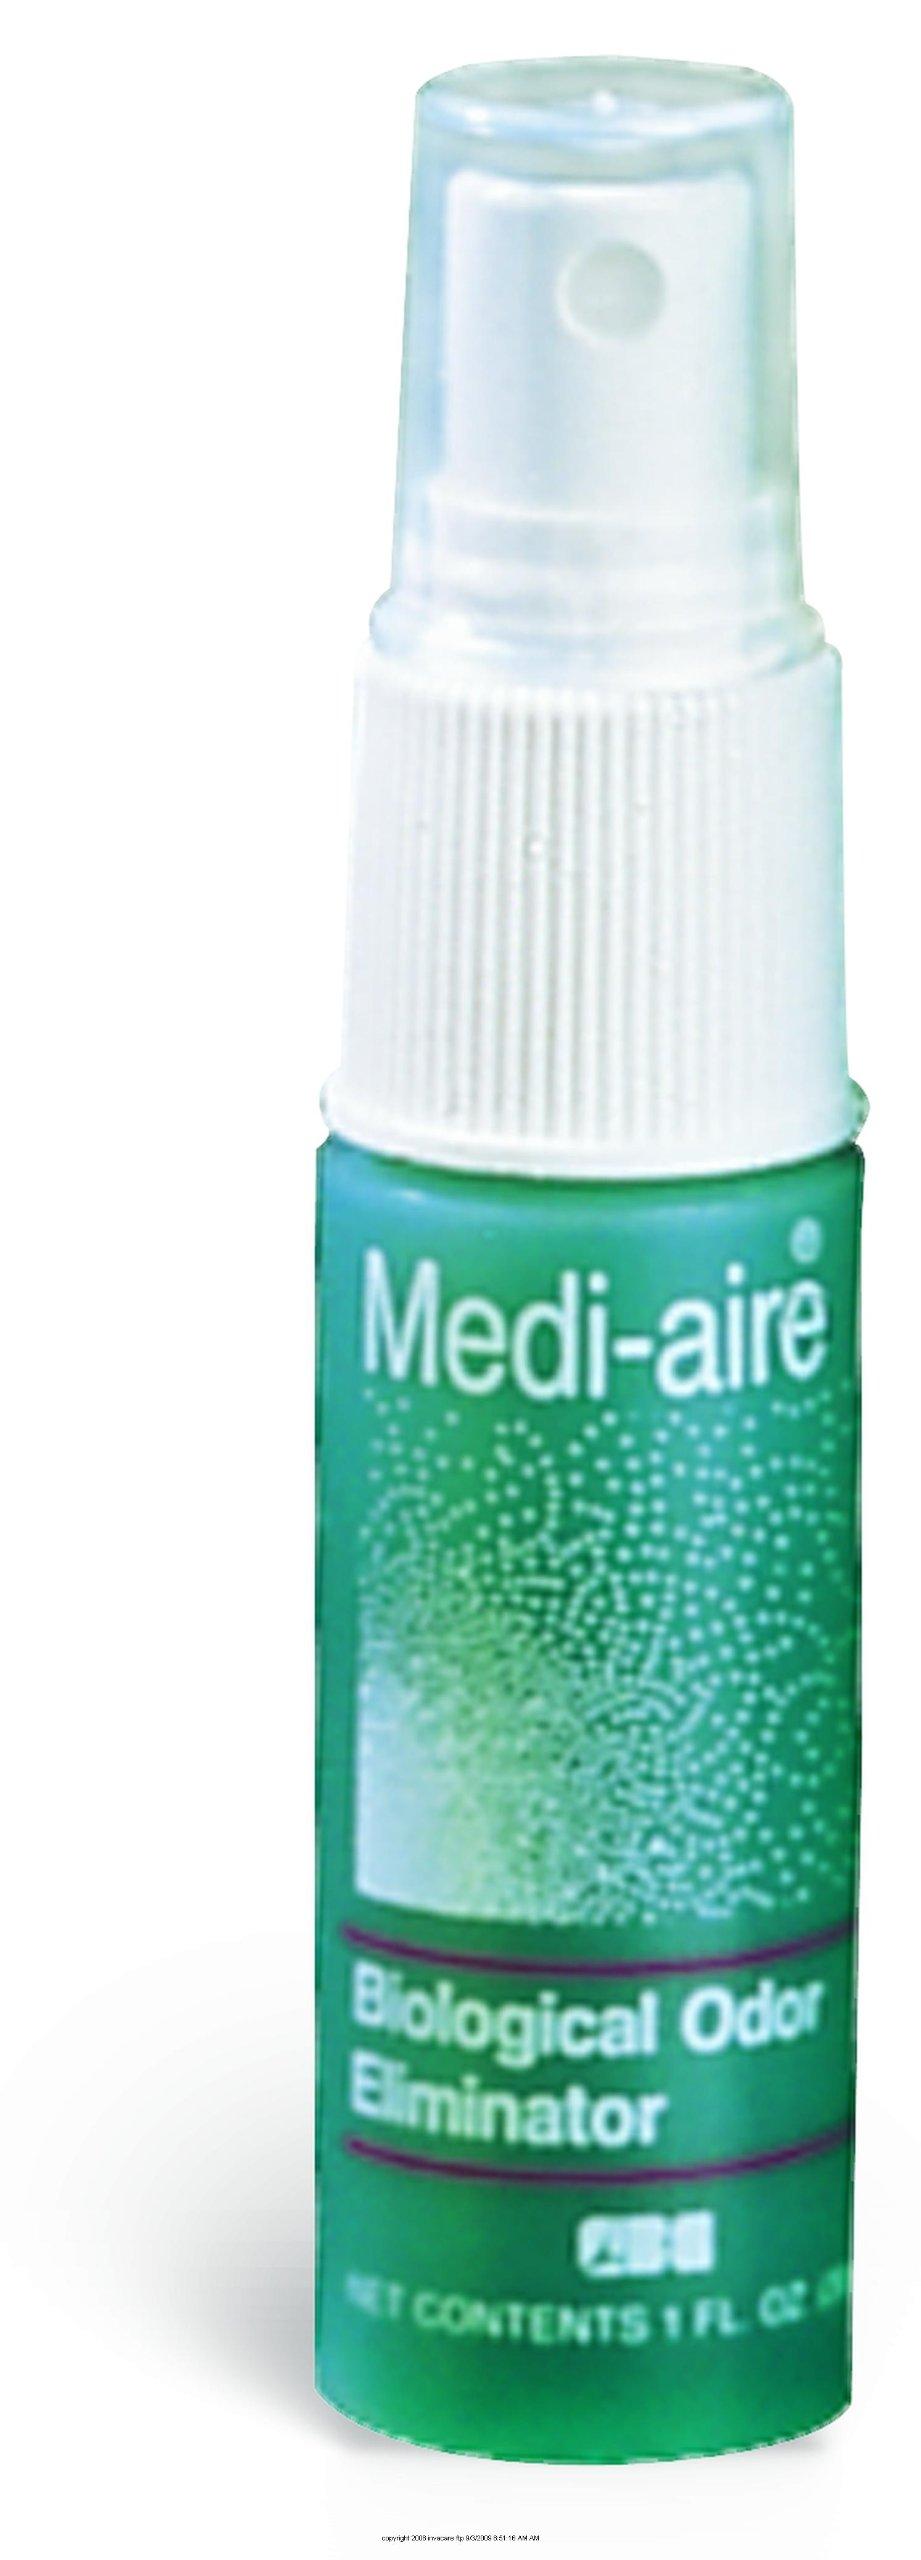 Medi-aire Biological Odor Eliminator [MEDI-AIRE DEOD SPRAY 8 OZ FRSH]